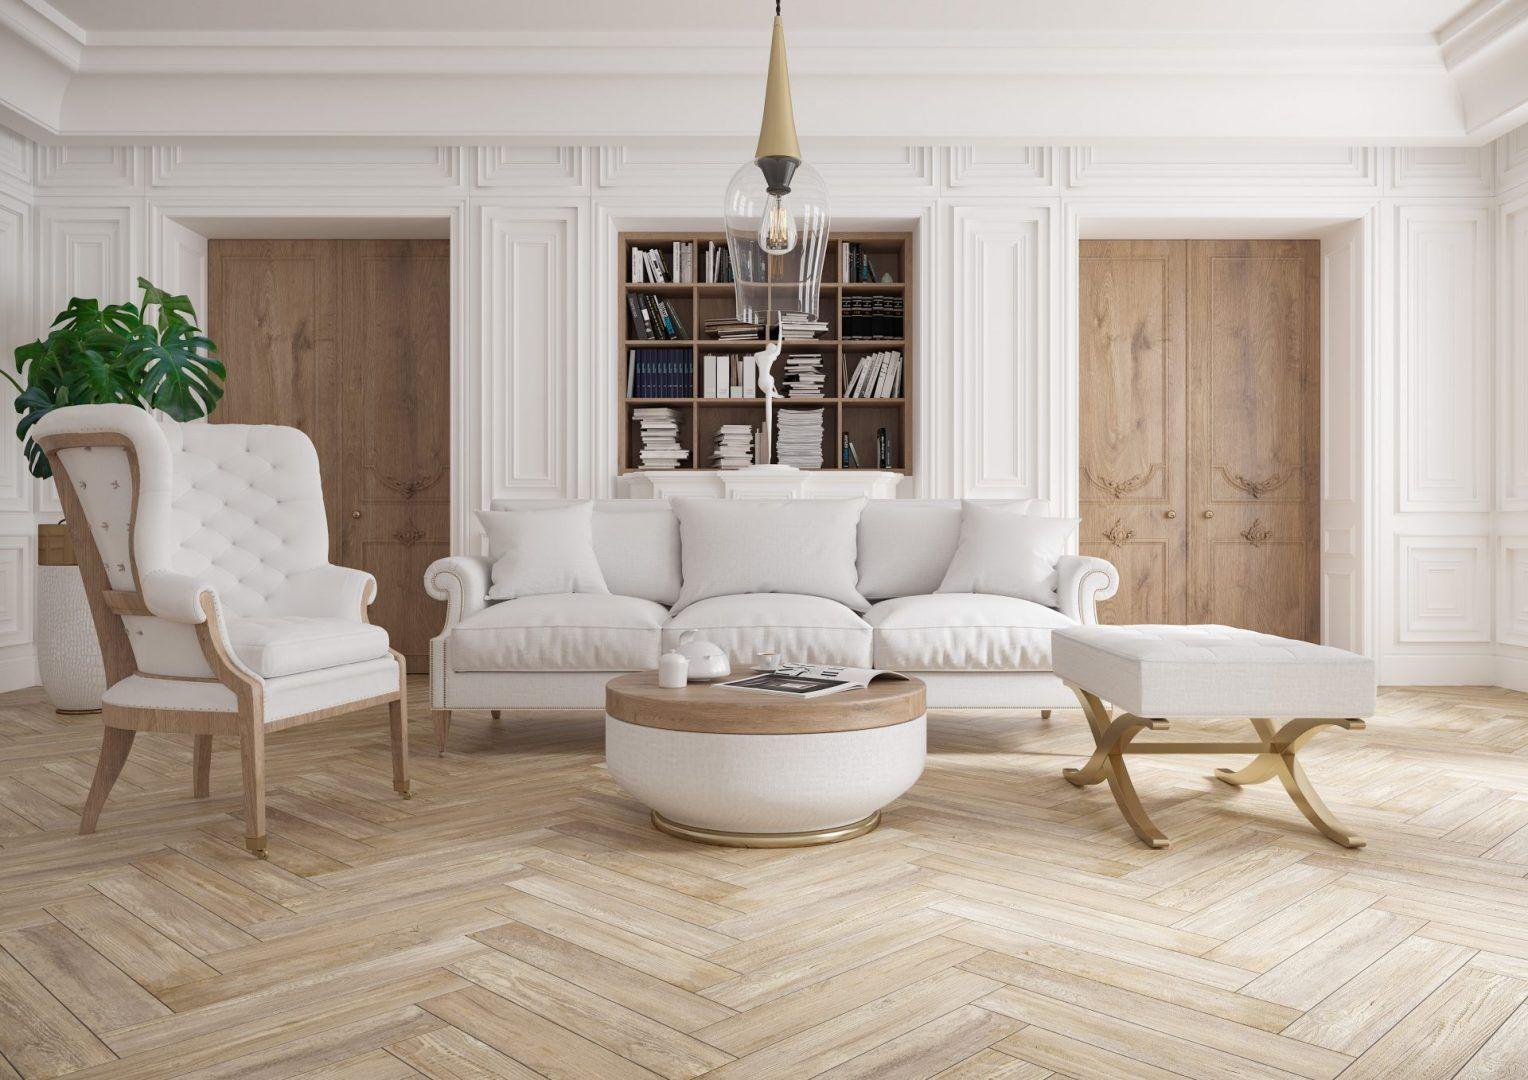 Płytki z kolekcji Tramonto imitujące drewniany parkiet. Fot. Cerrad